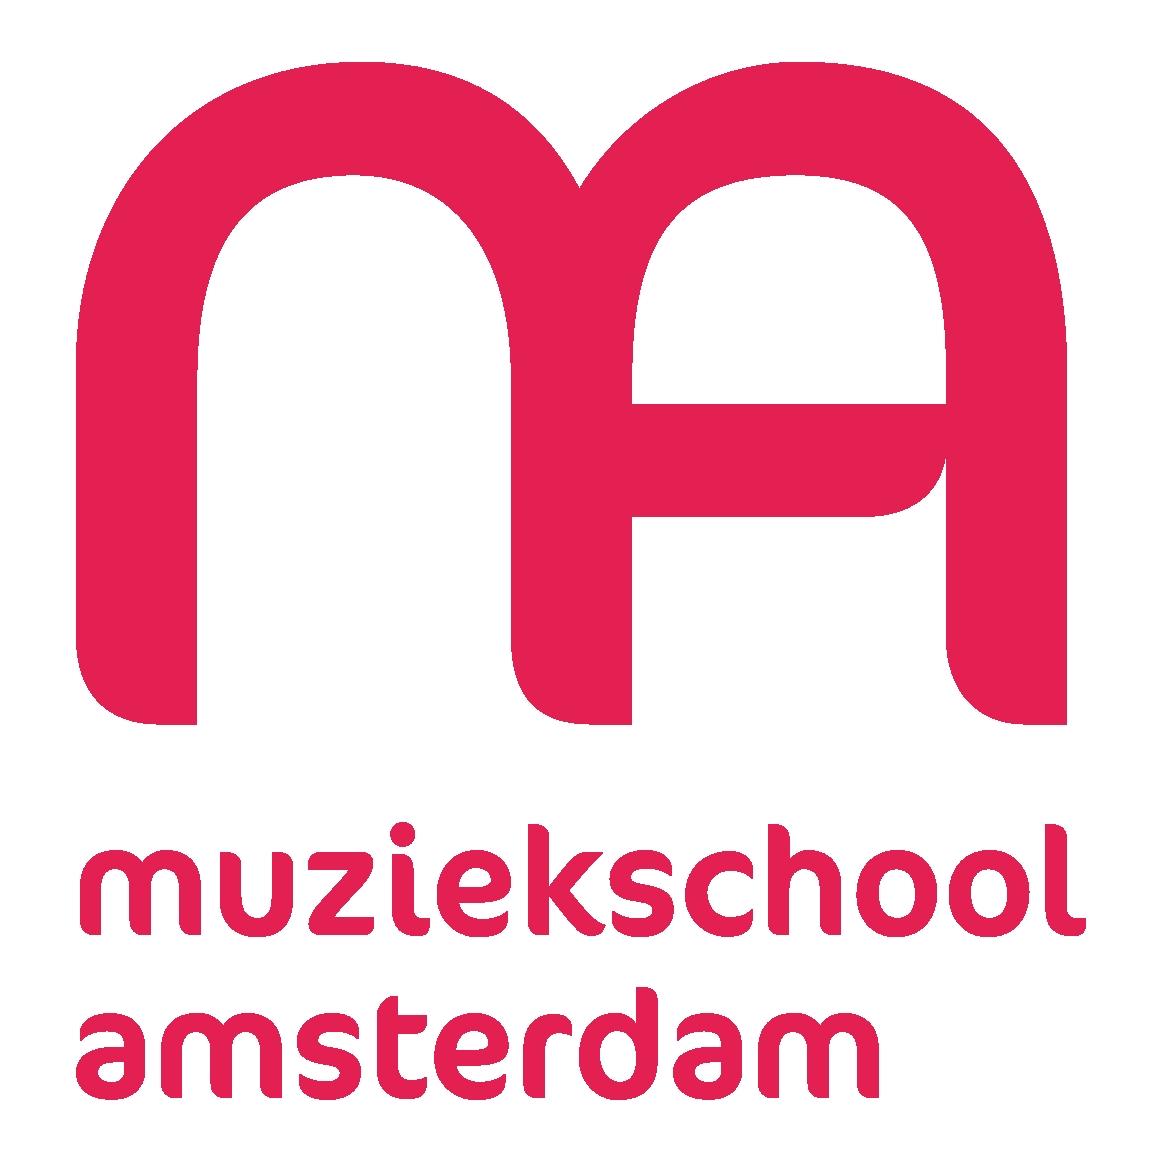 Afbeeldingsresultaat voor muziekschool amsterdam